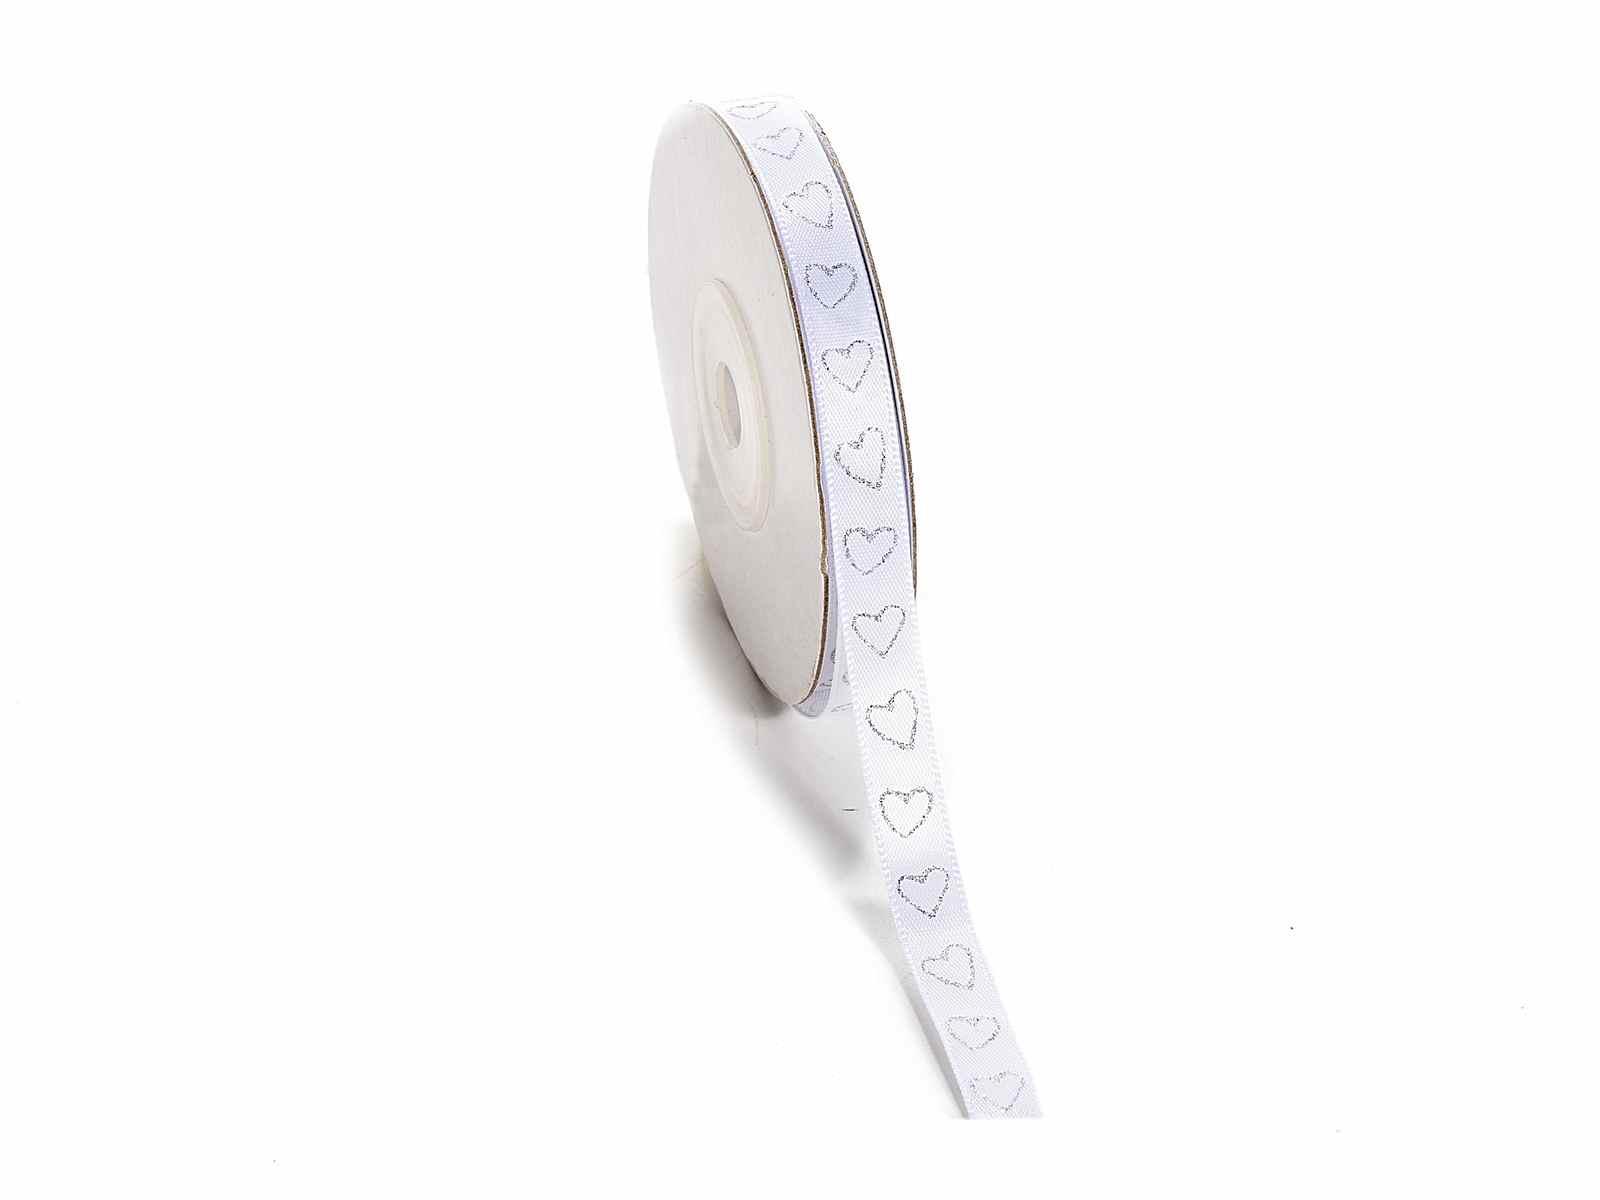 Nastro doppio raso bianco con cuoricini glitterati in argento